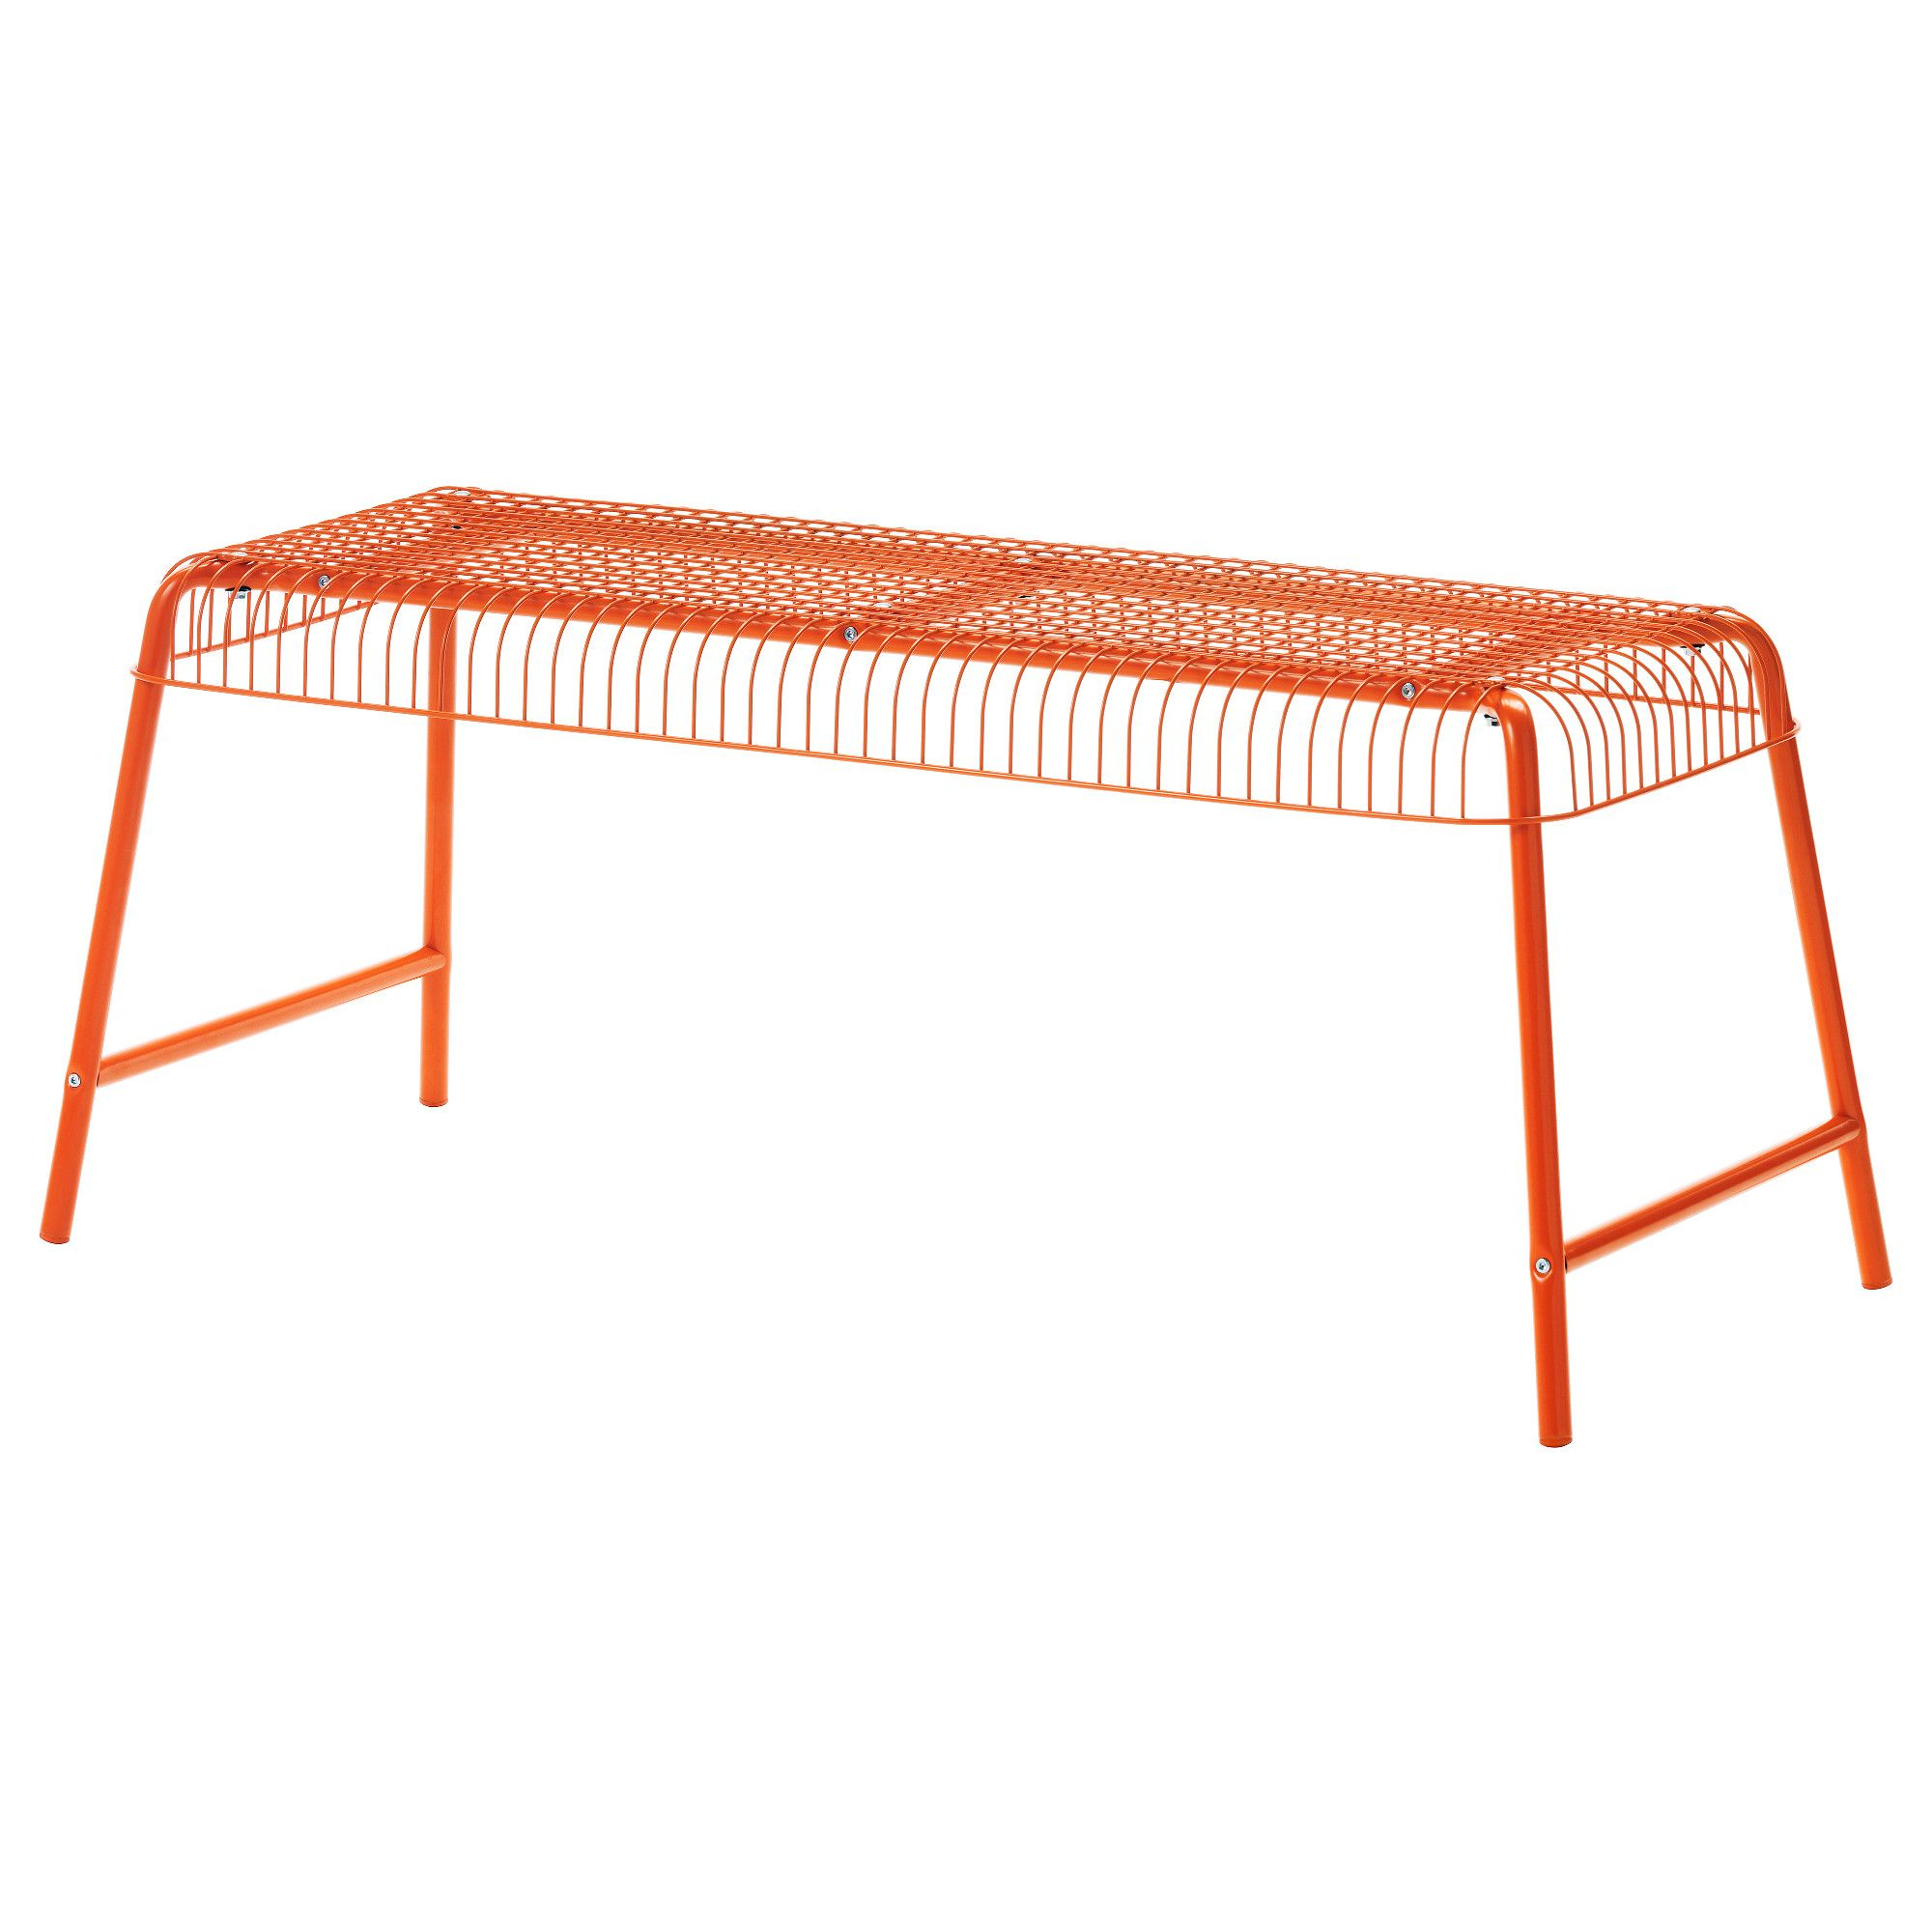 Mobilier Et Décoration - Intérieur Et Extérieur   Ikea Patio ... destiné Coffre De Jardin Ikea